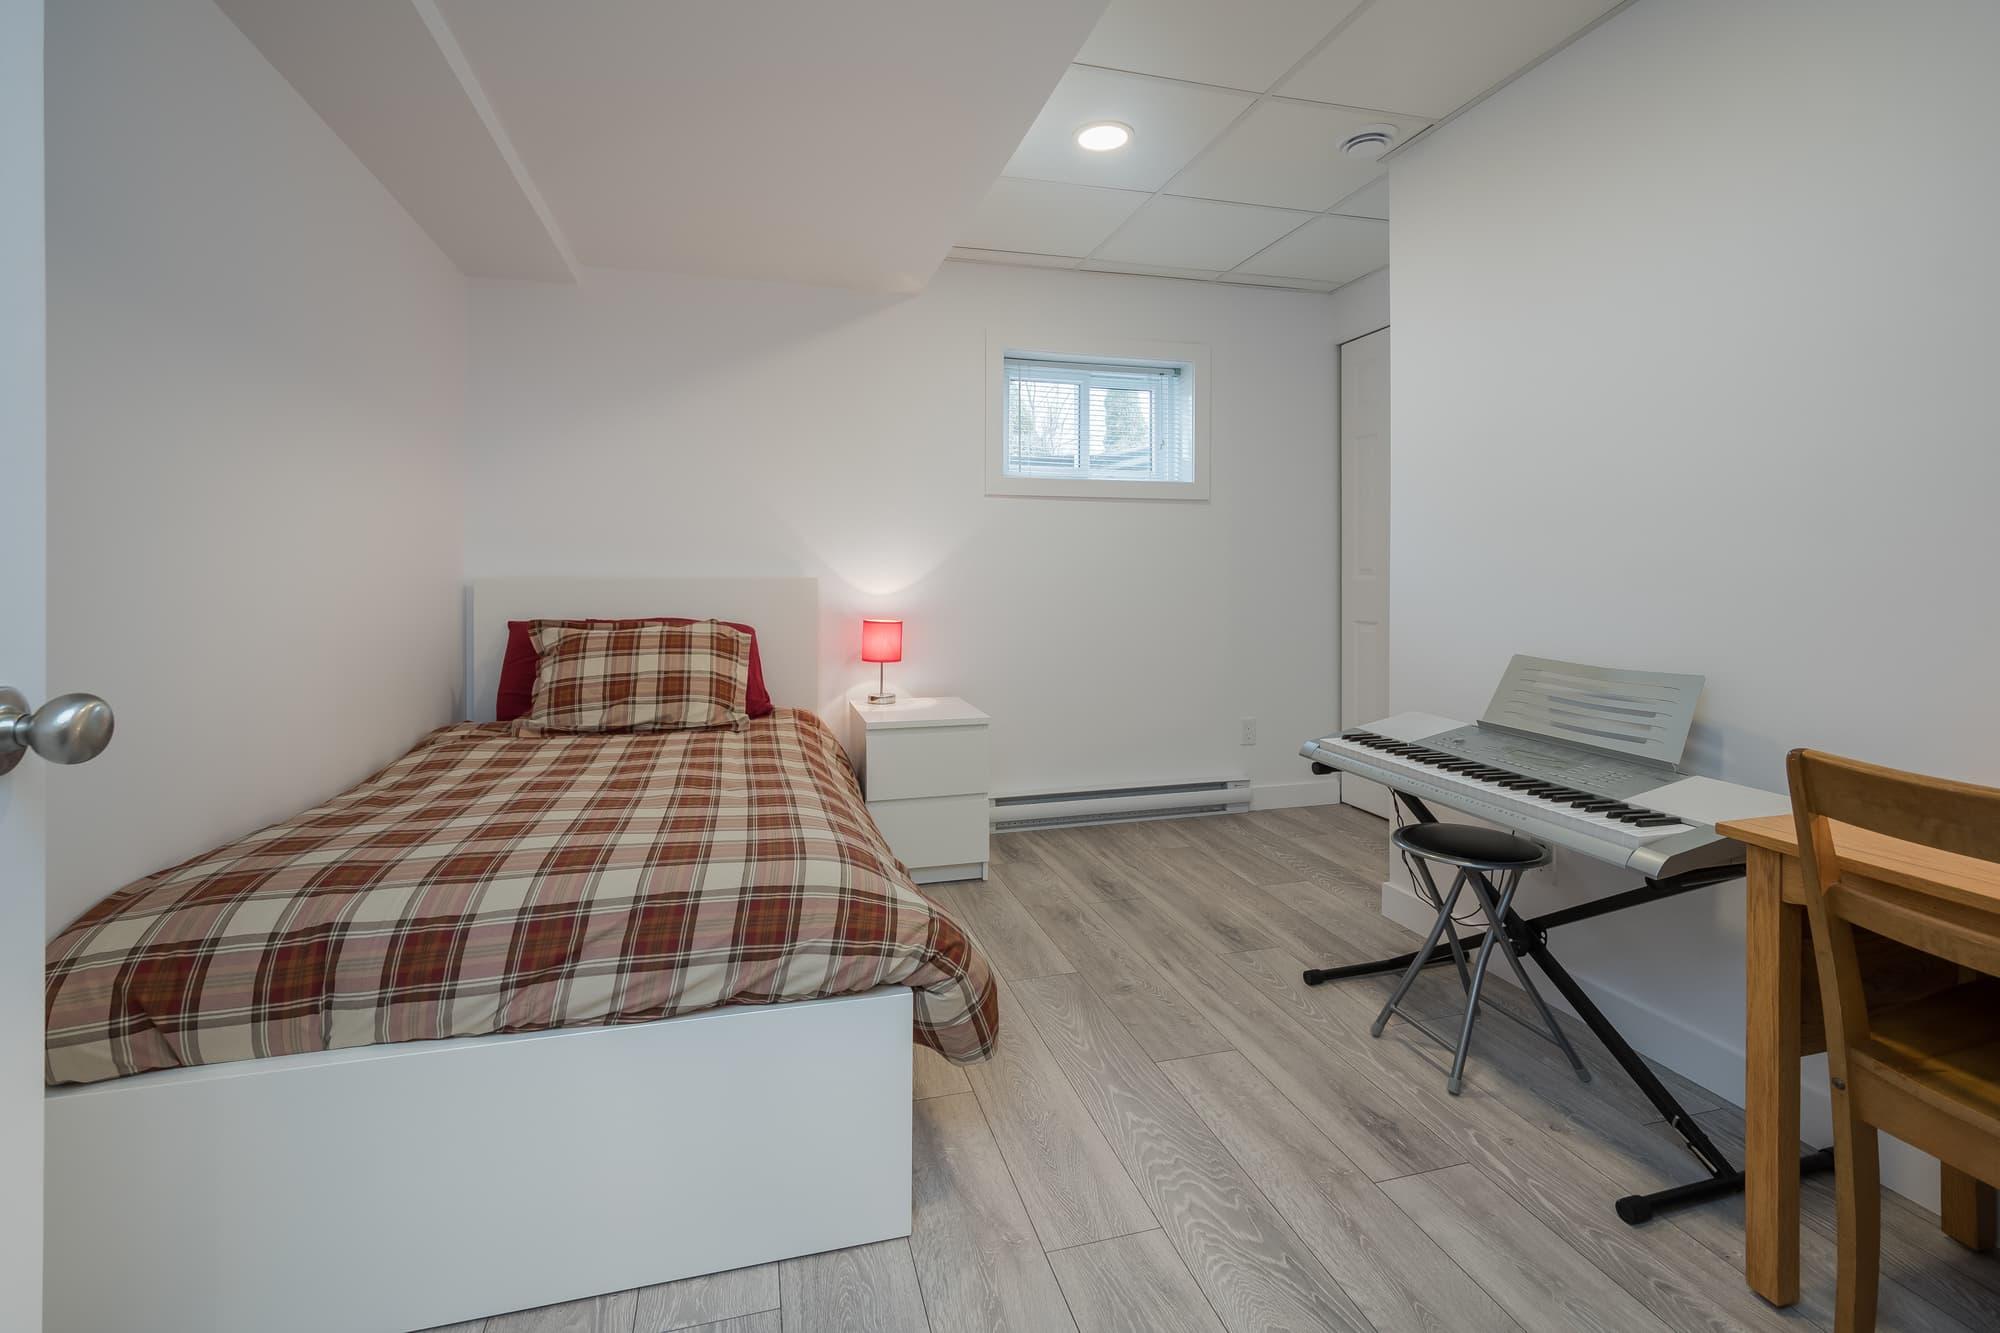 chambre dans un sous-sol rénové avec couvre-lit carreauté et plancher flottant pâle